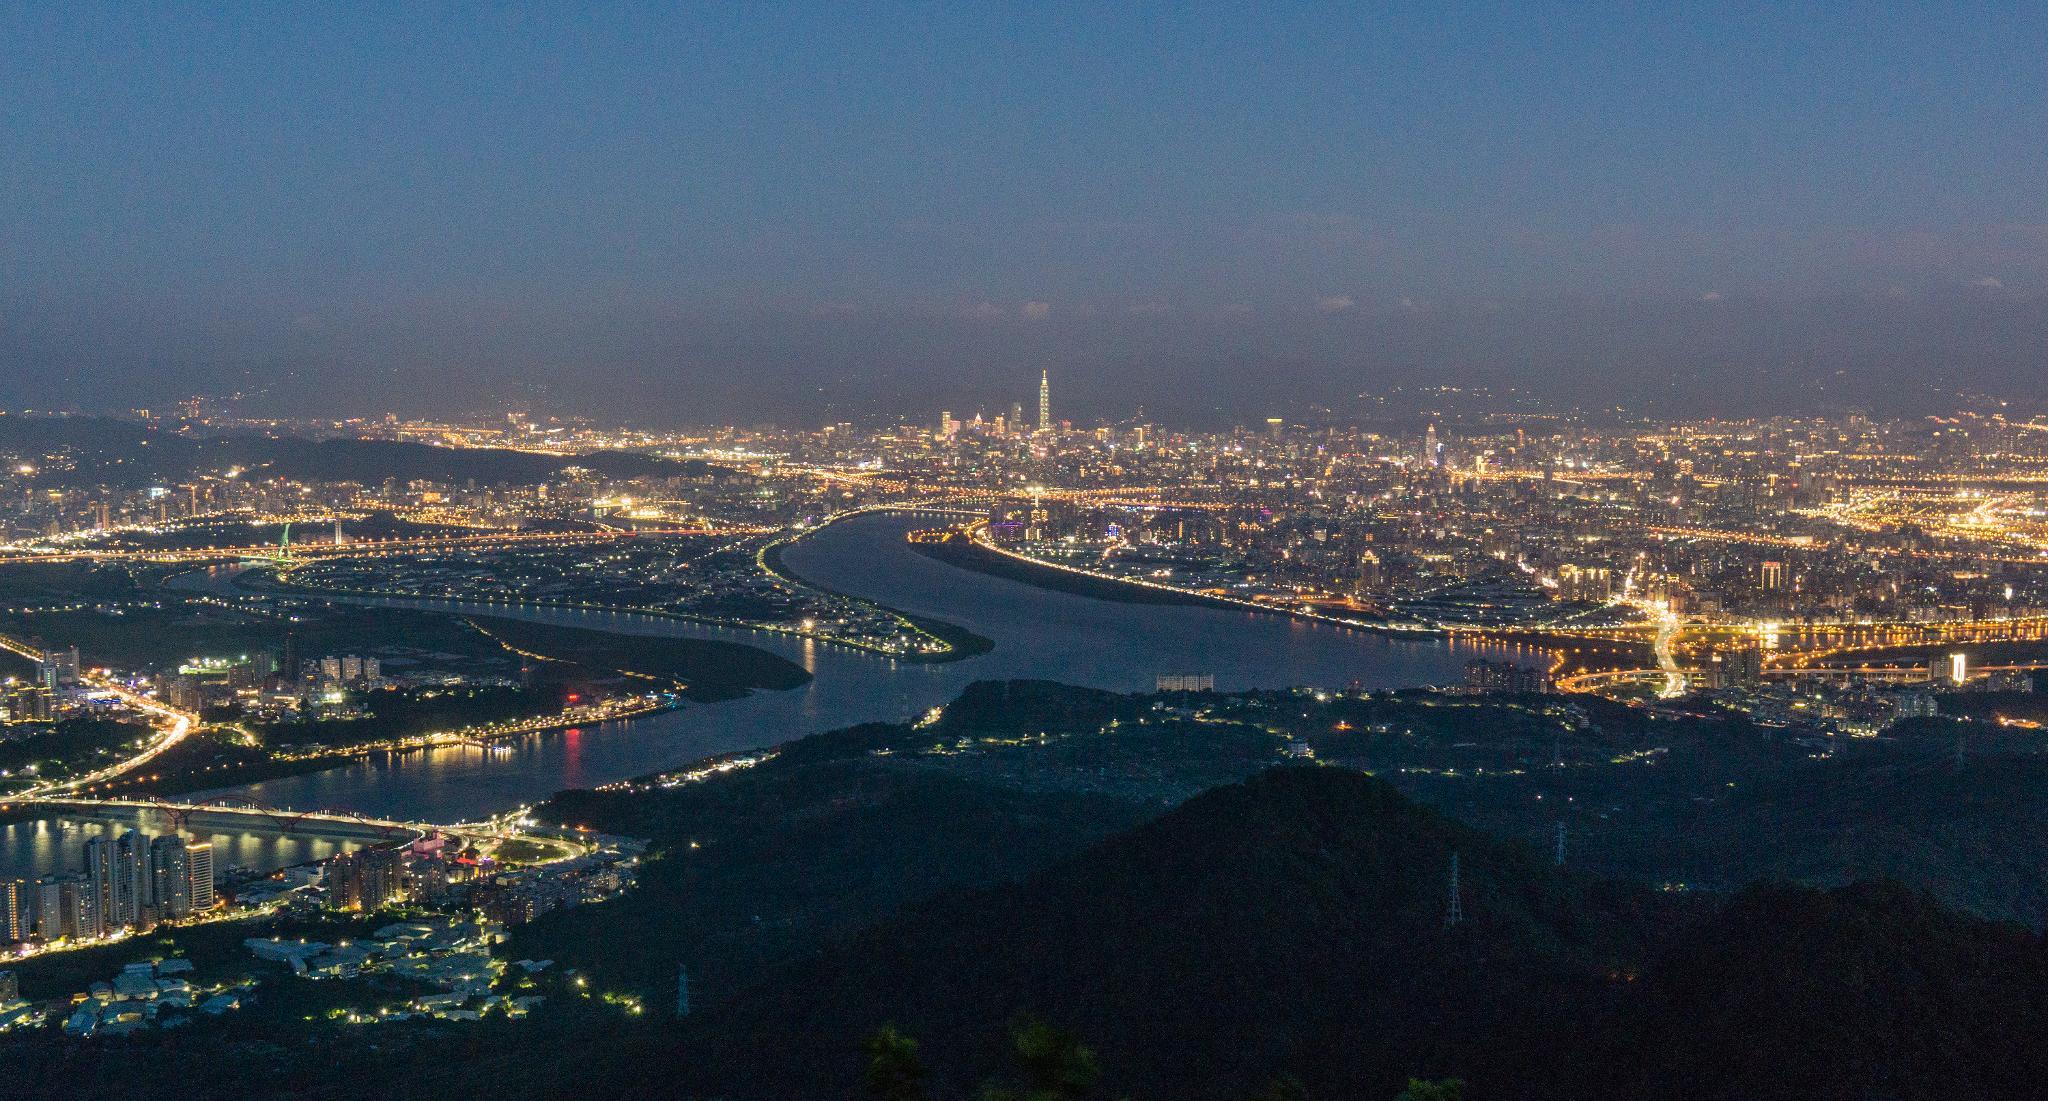 【臺北】觀音山硬漢嶺 — 瞭望大台北地區最推薦的觀景台 16